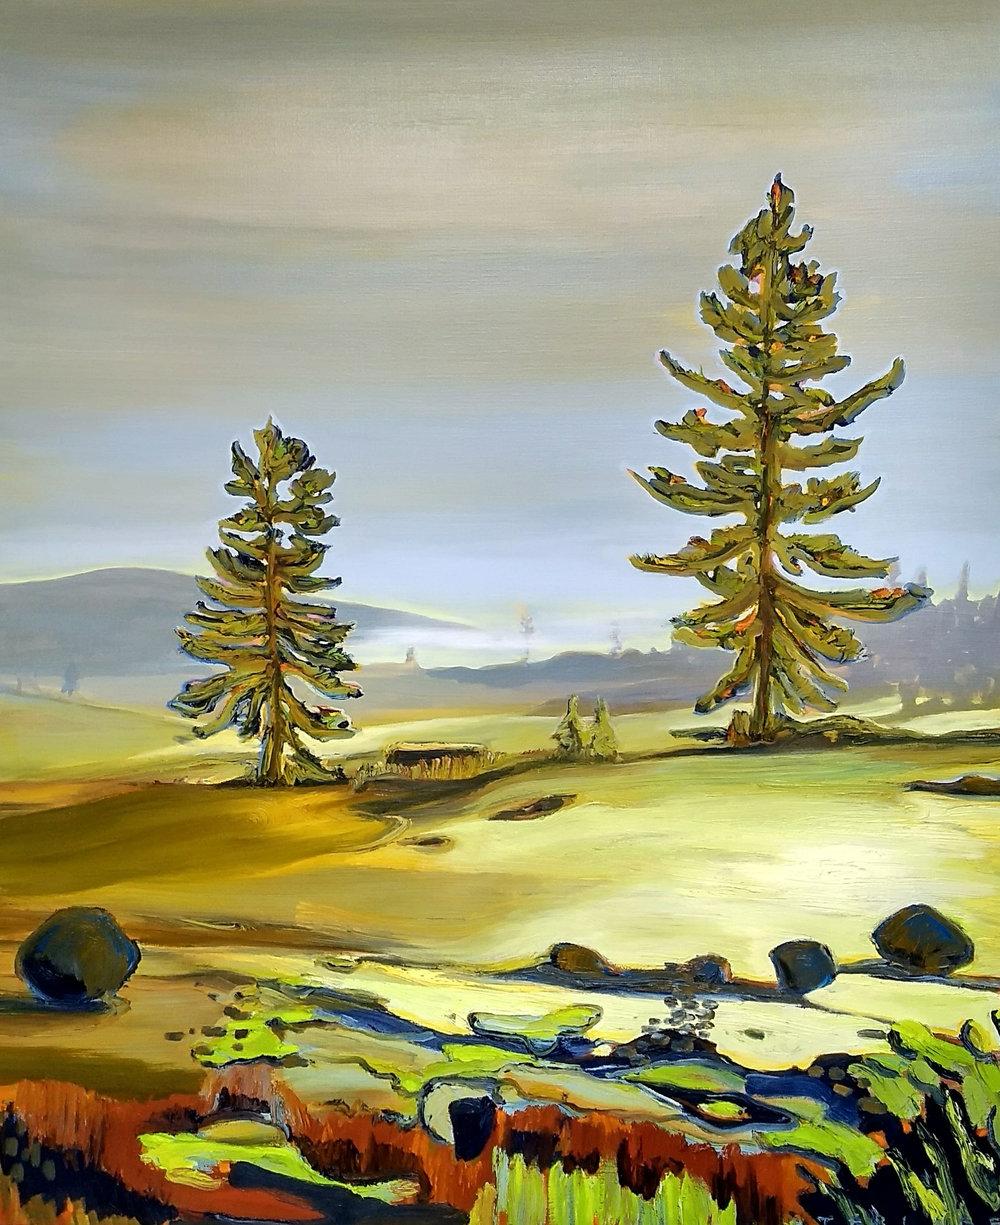 耶卢 100 x 120 cm 布面油彩